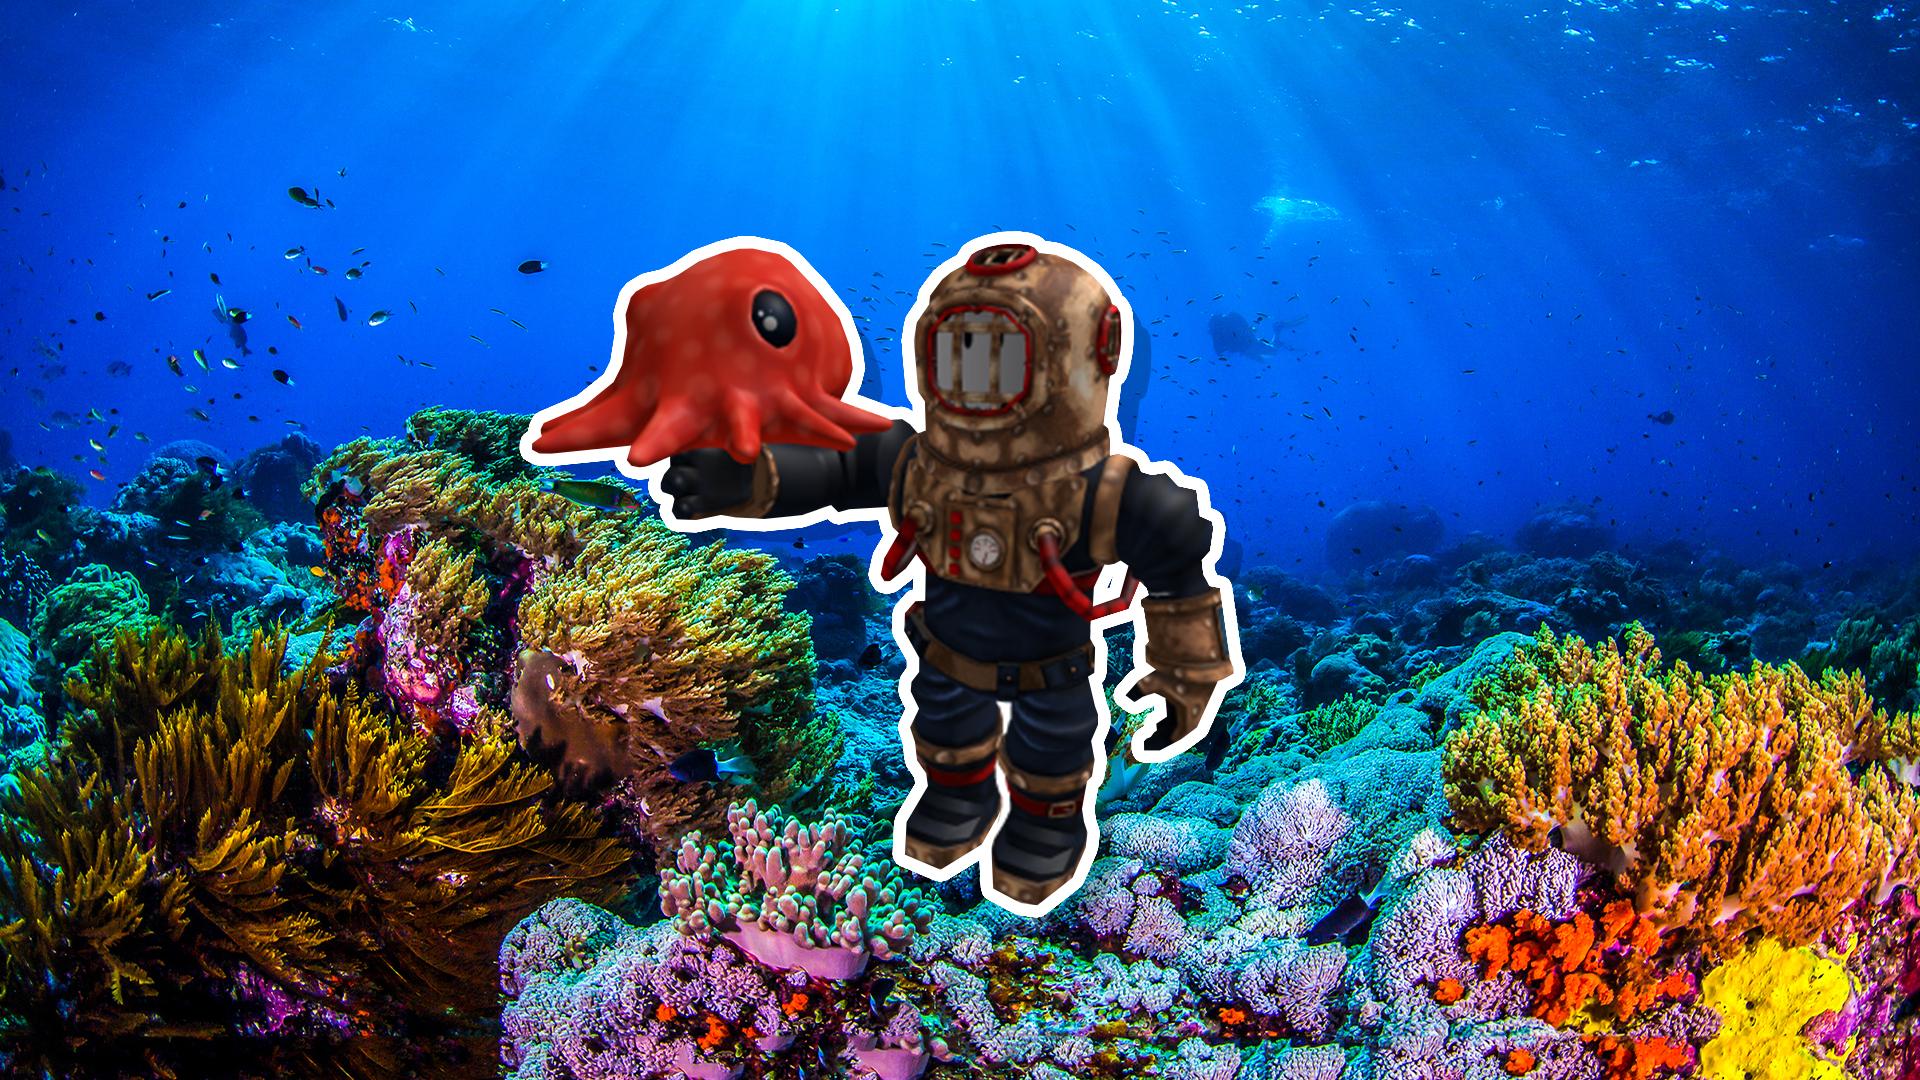 A deep sea diver